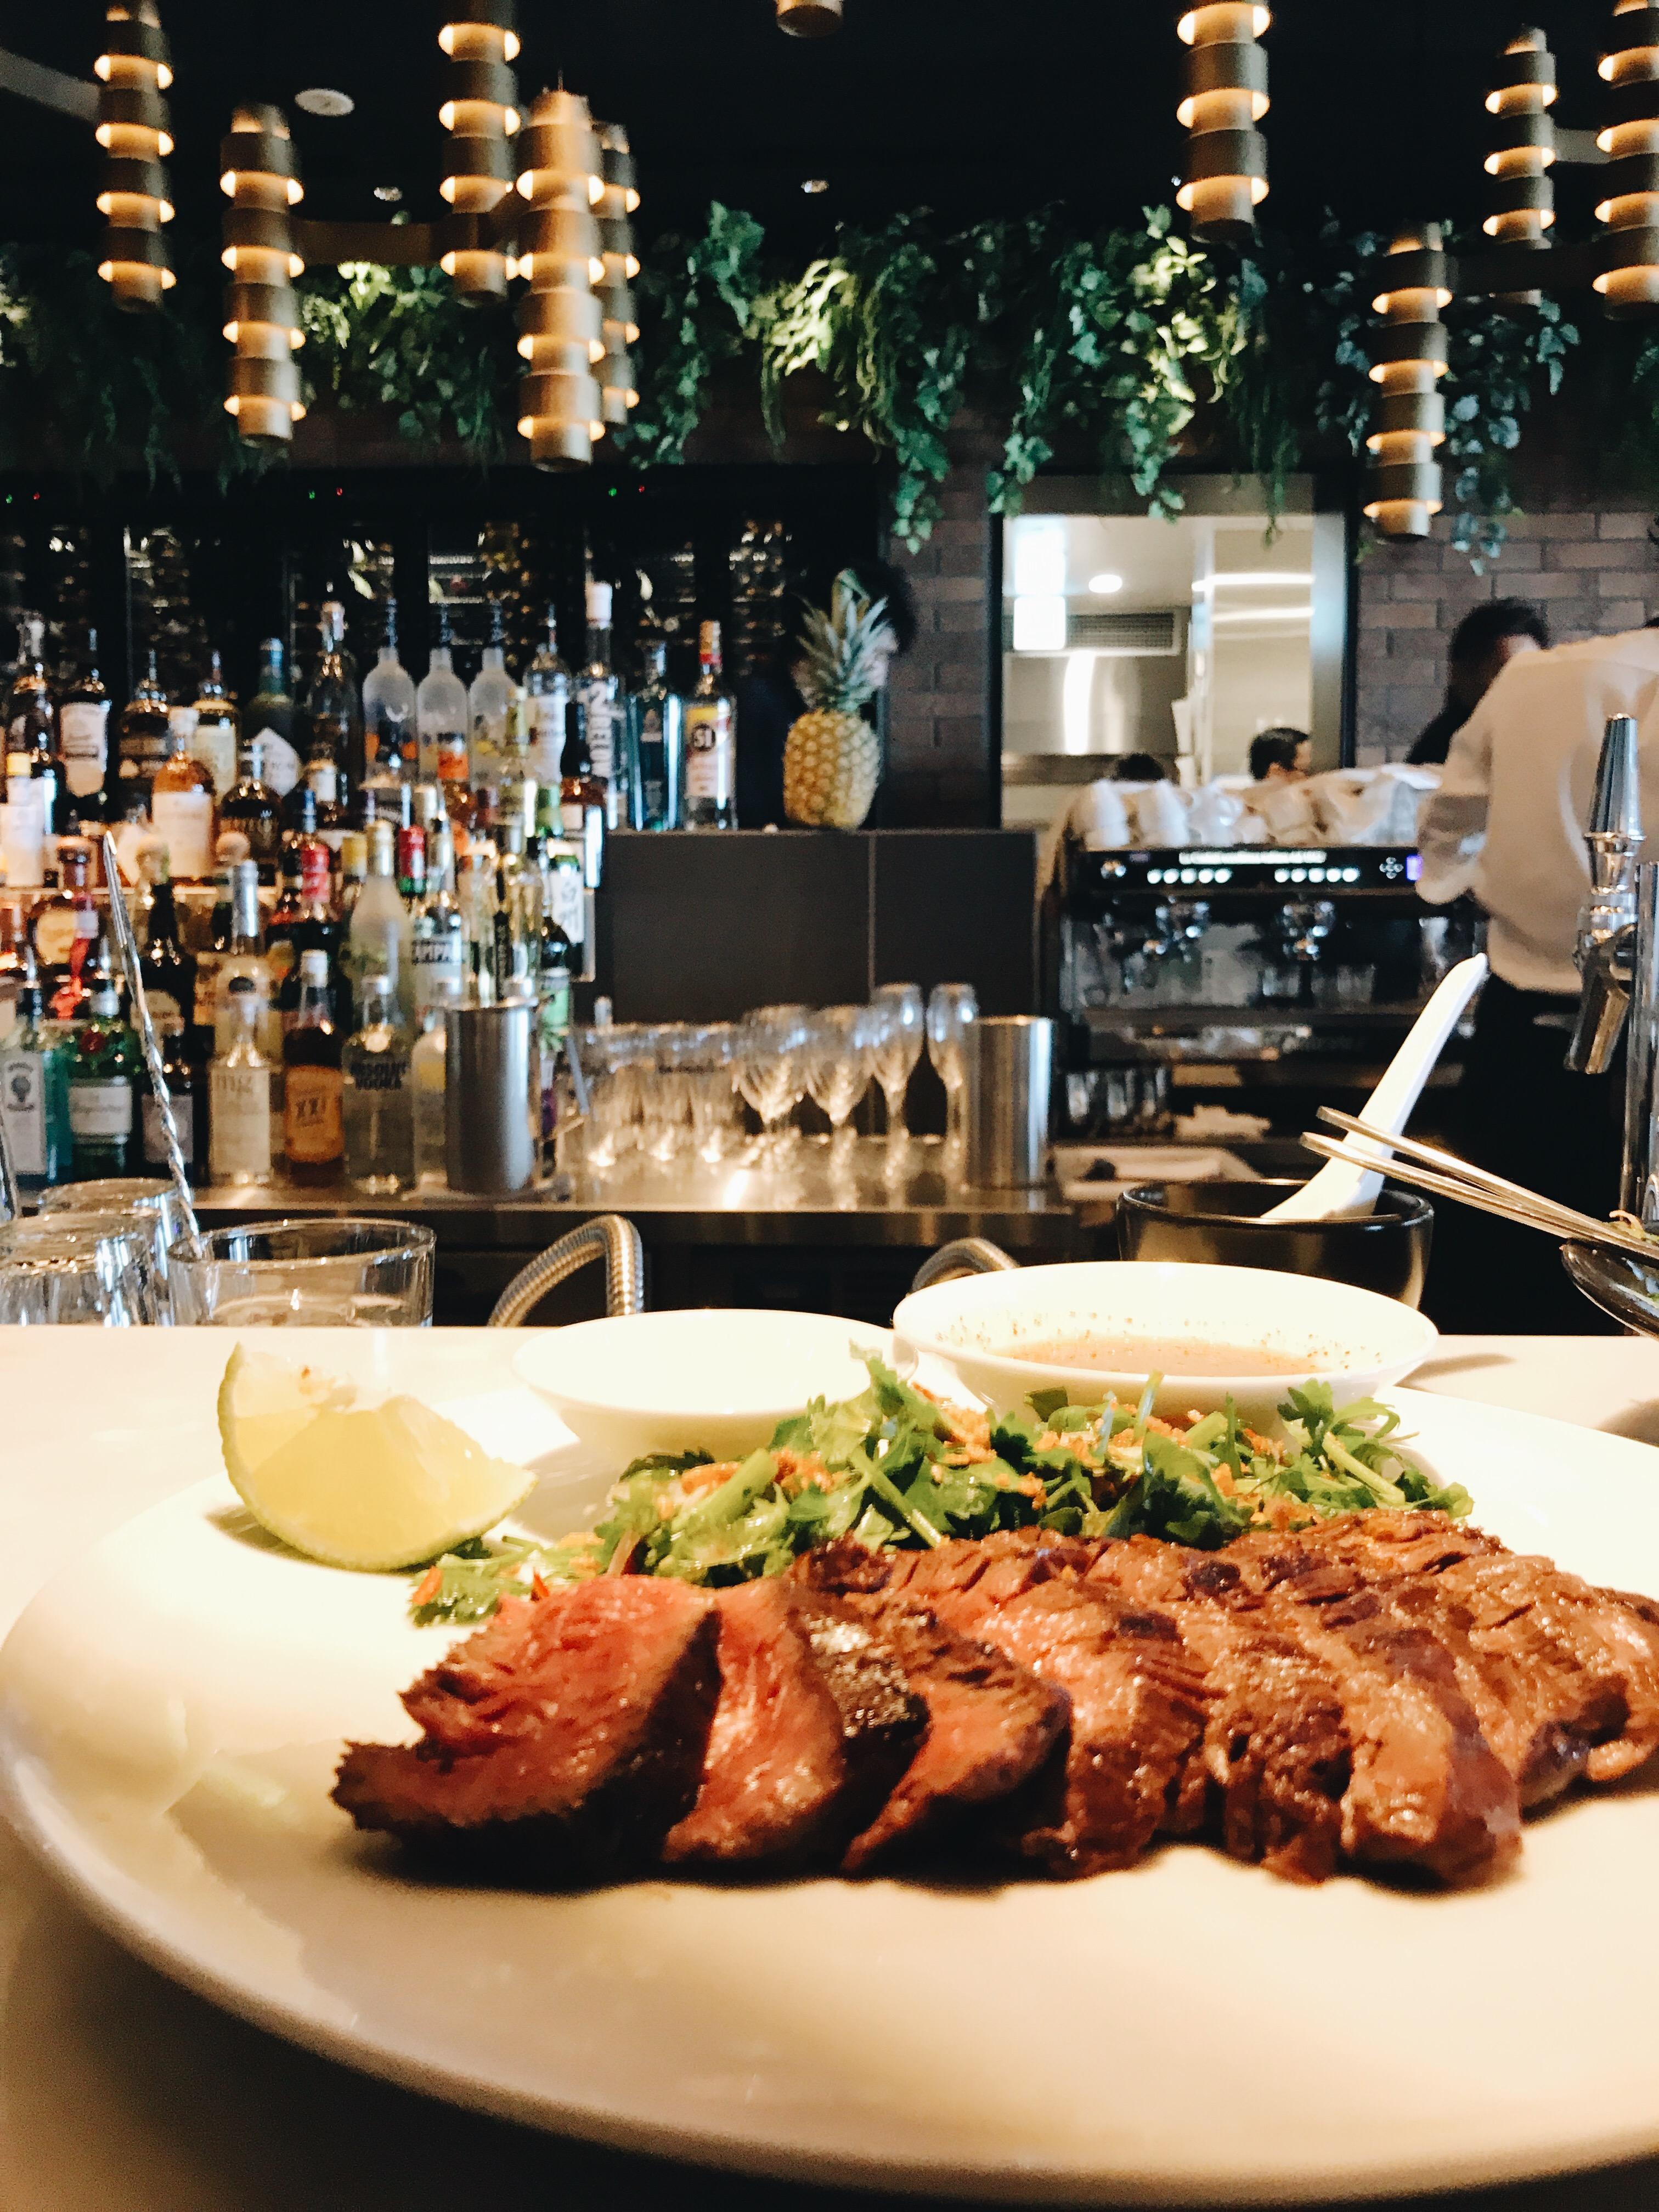 9918f32e c37a 44fc 87b6 e9fc58bb9a4c 1 - Longrain - Top of Ebisuで堪能するシドニー発のモダンタイ料理